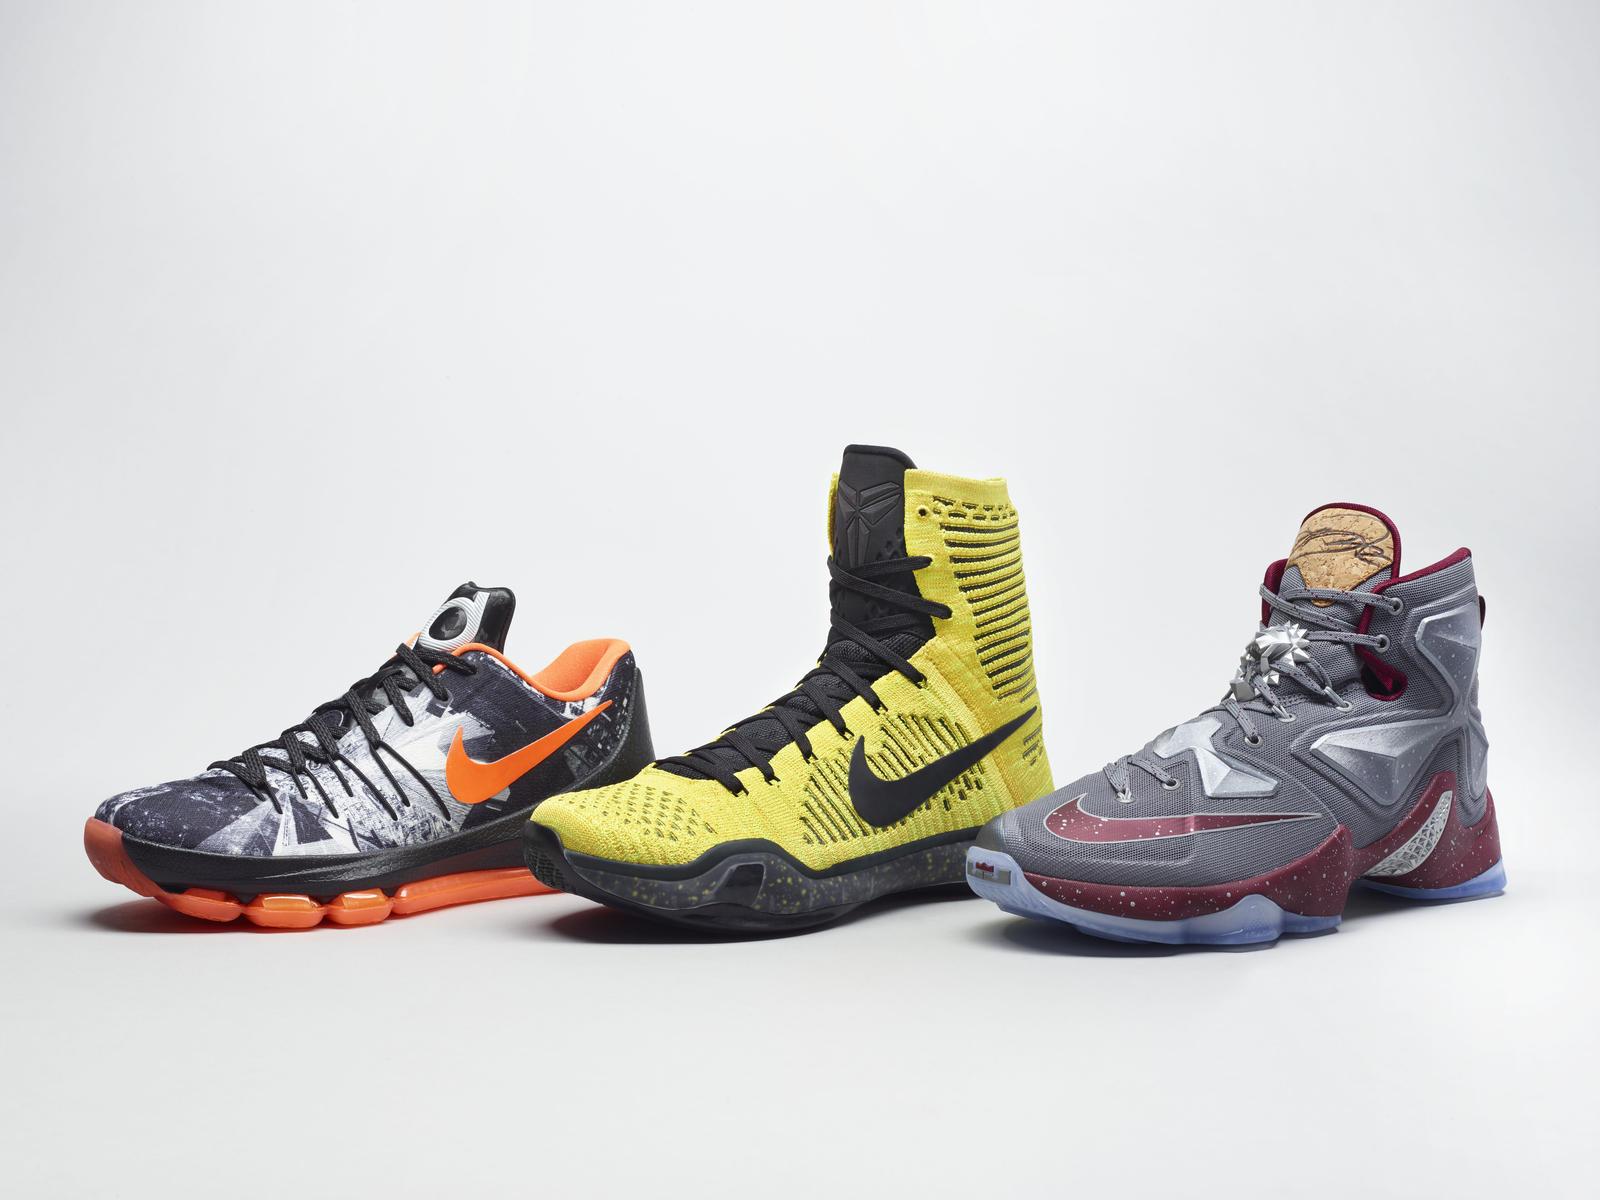 52ee4e385 Mykee Alvero   Nike Basketball